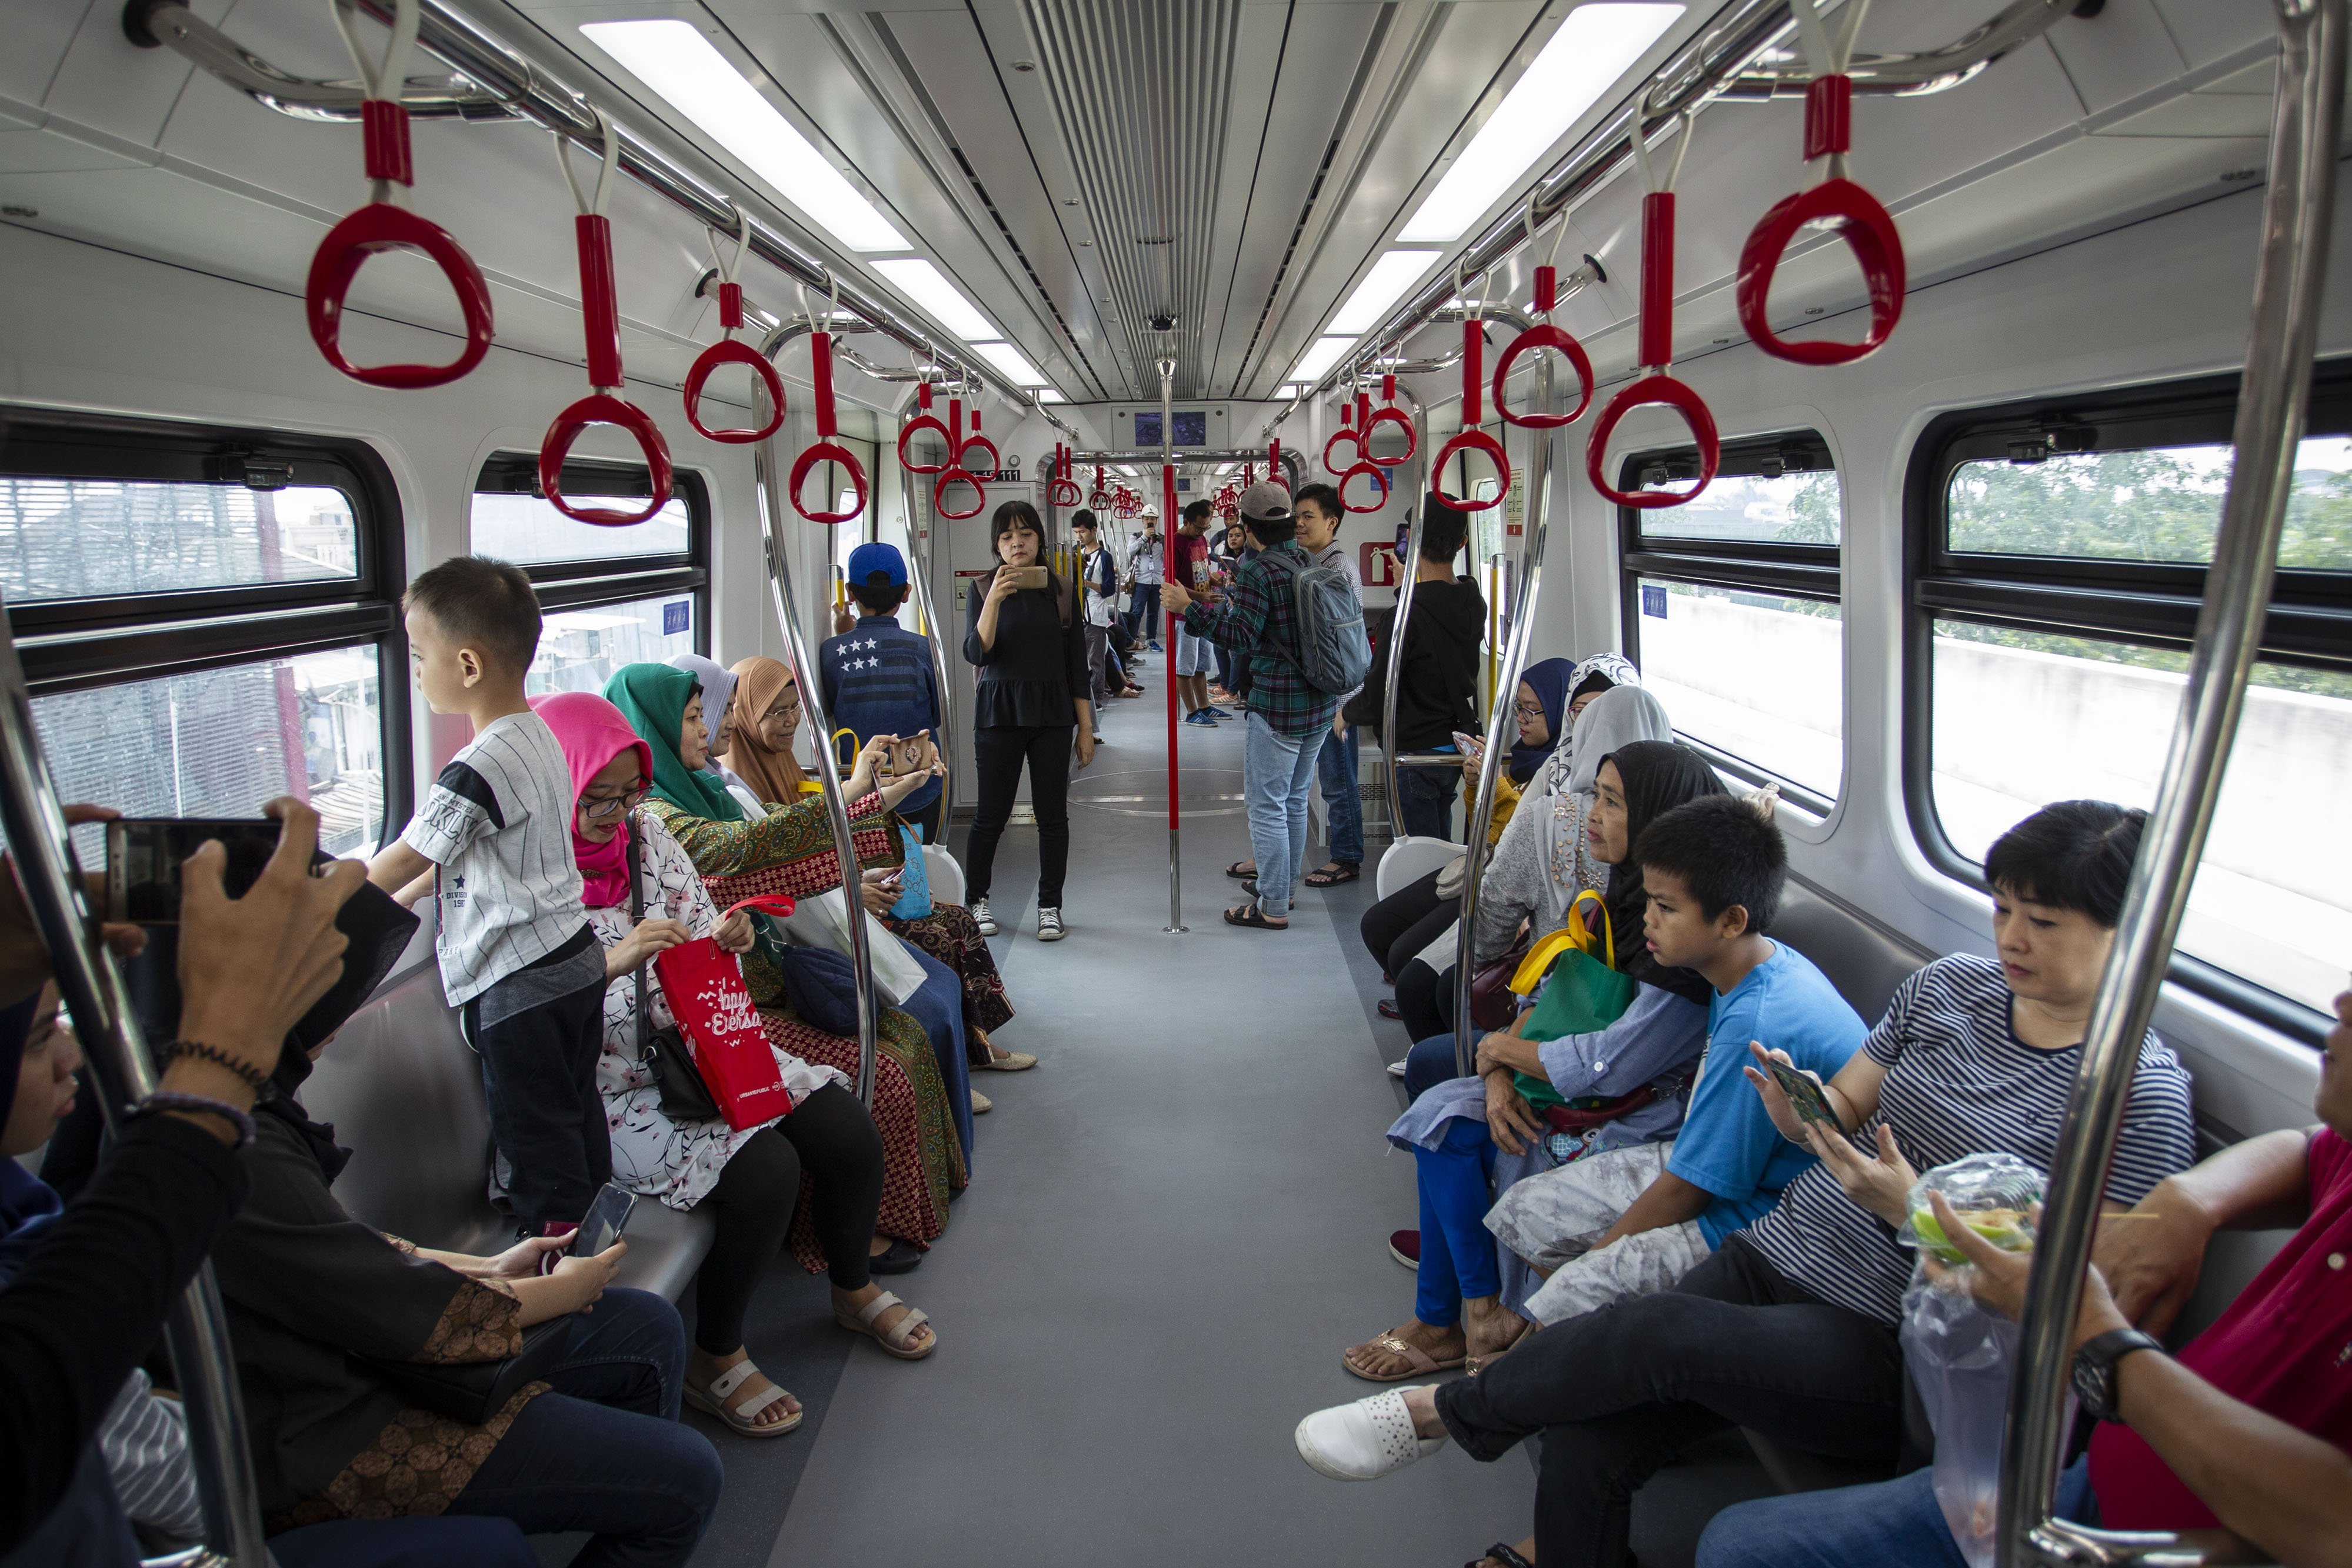 Warga Jakarta berada di dalam kereta Light Rail Transit (LRT) saat uji publik di kawasan Kelapa Gading, Jakarta, Selasa (11/6/2019).